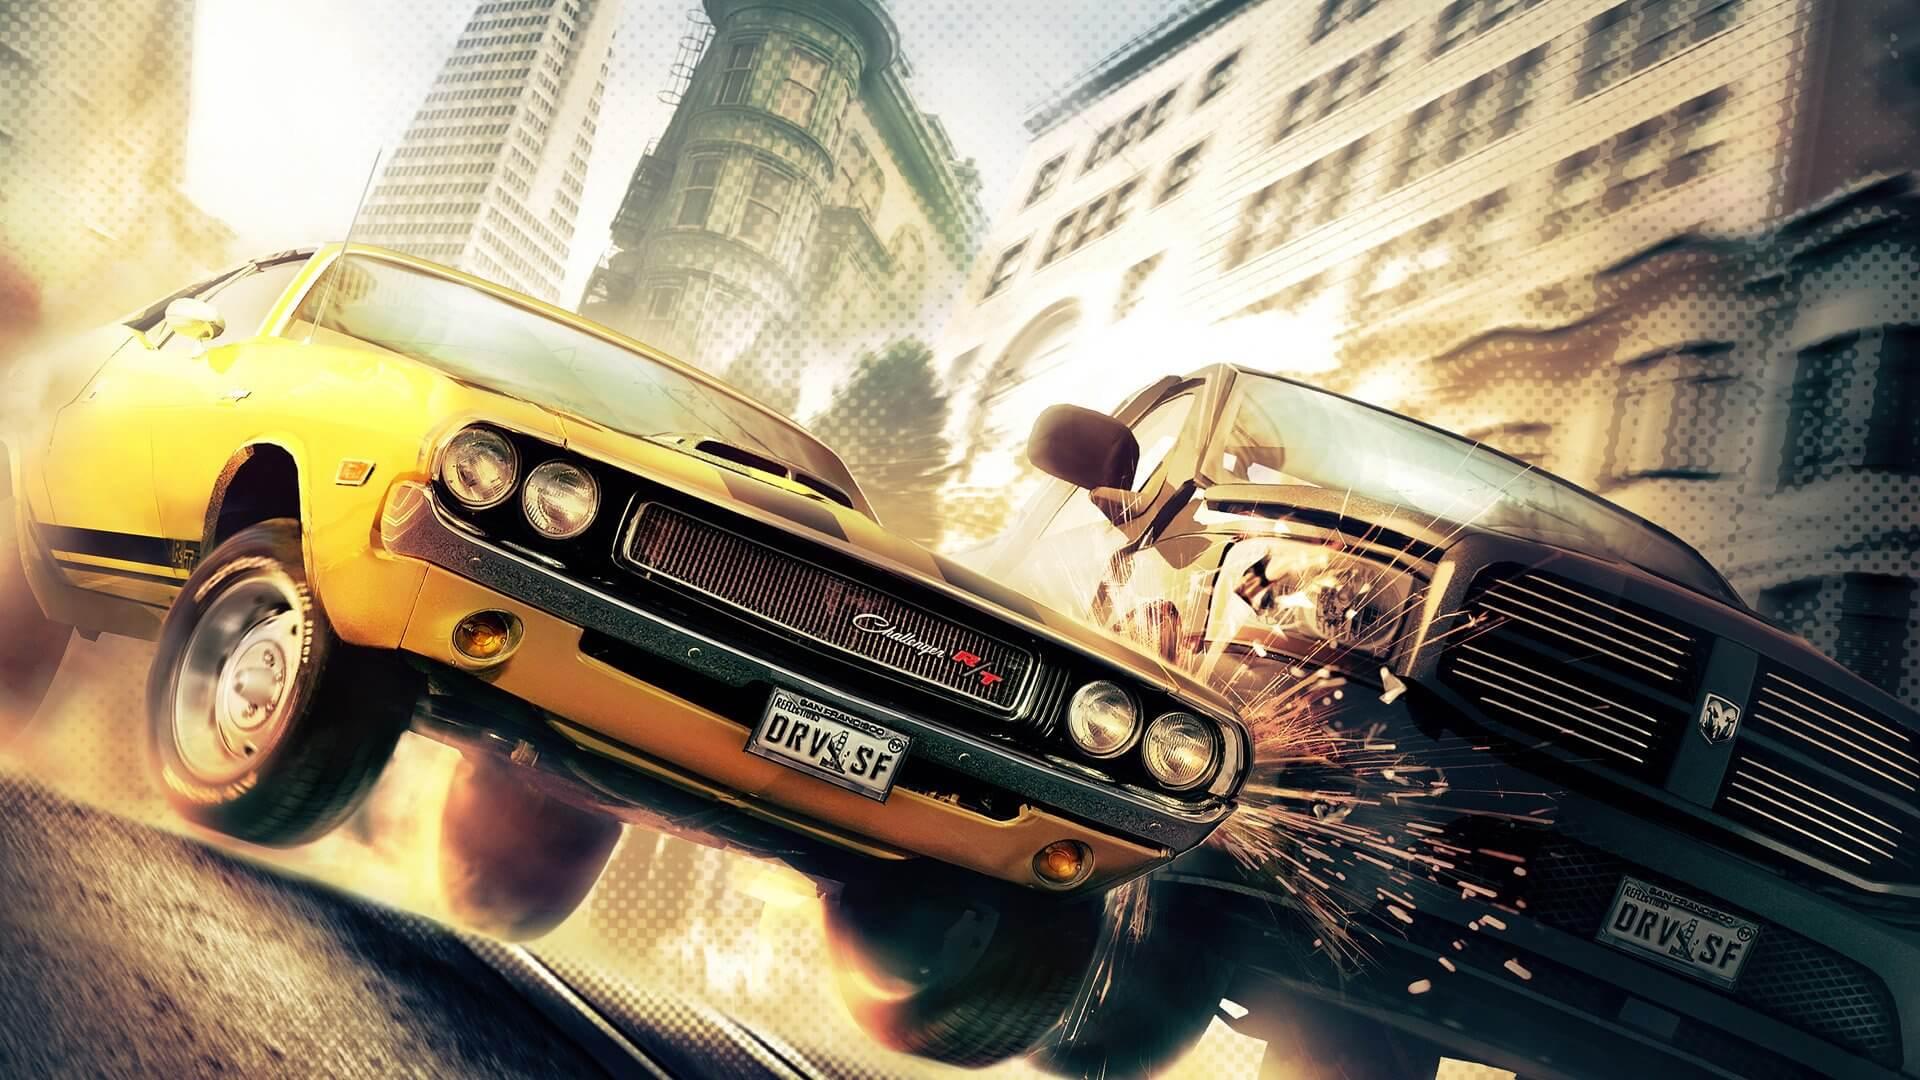 A Ubisoft Reflections, conhecida por ser a produtora de Driver há muitos anos, está trabalhando em novos projetos secretos.